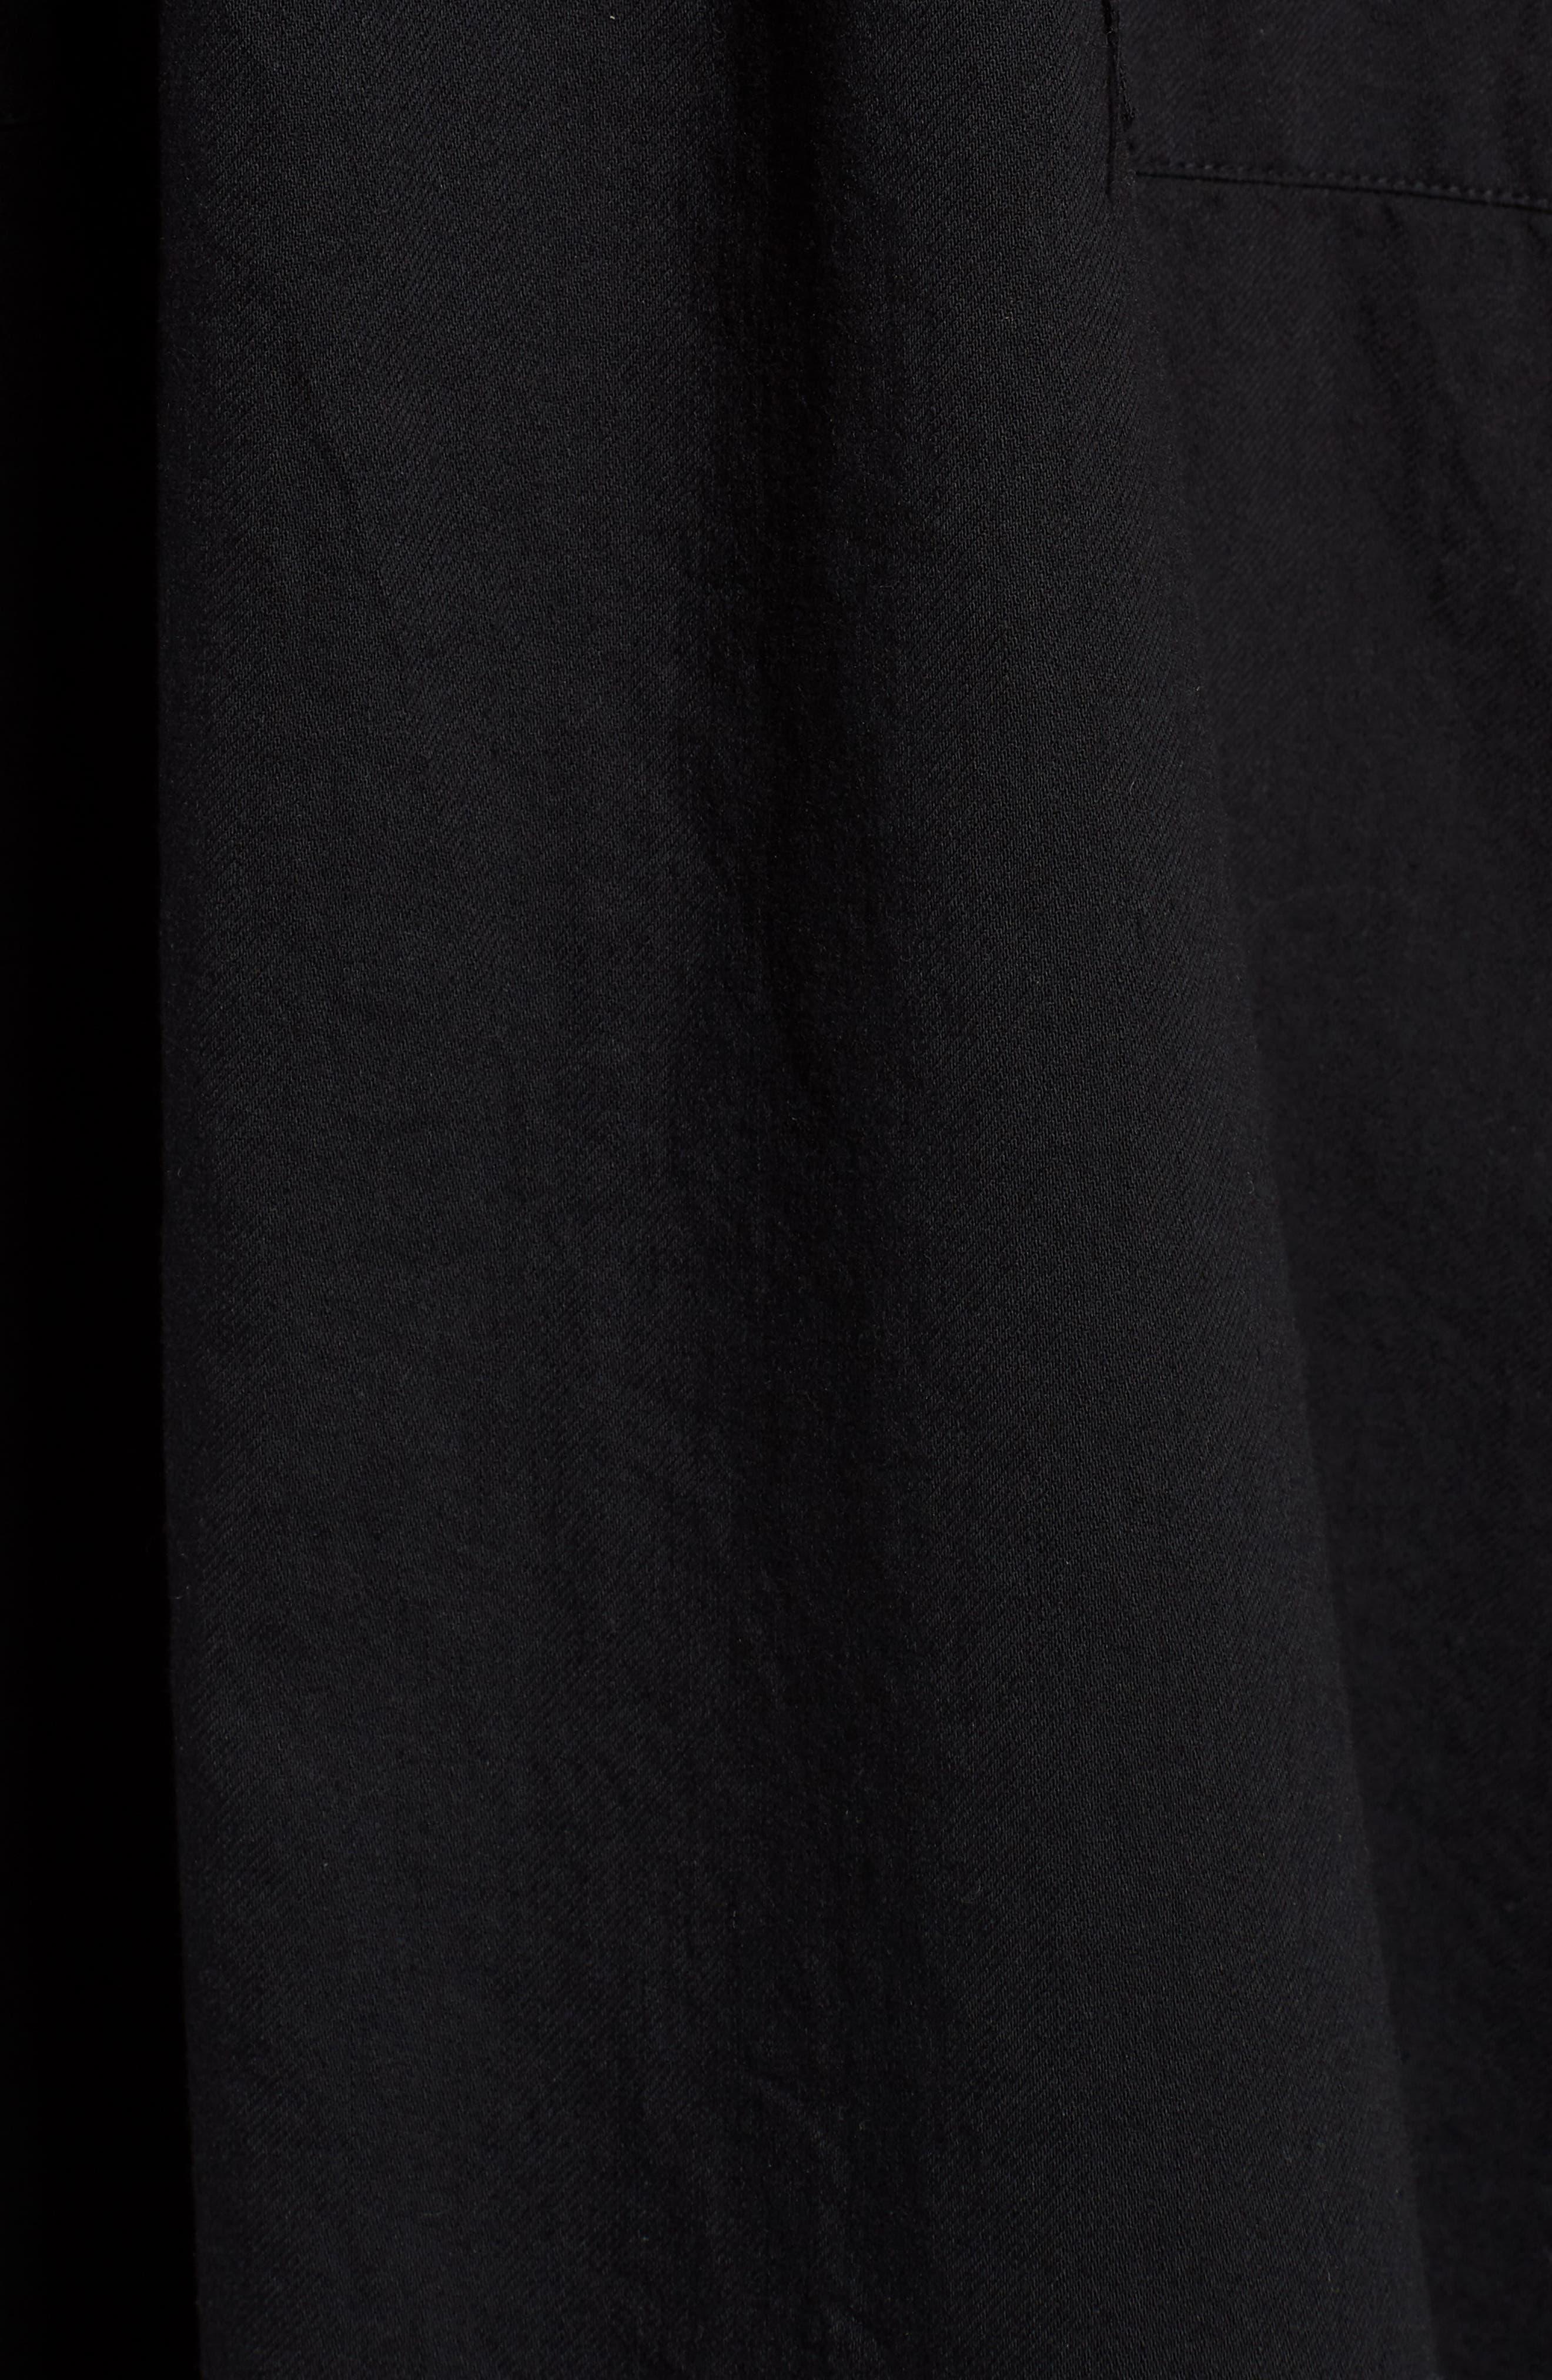 Drawstring Organic Cotton Midi Dress,                             Alternate thumbnail 6, color,                             001